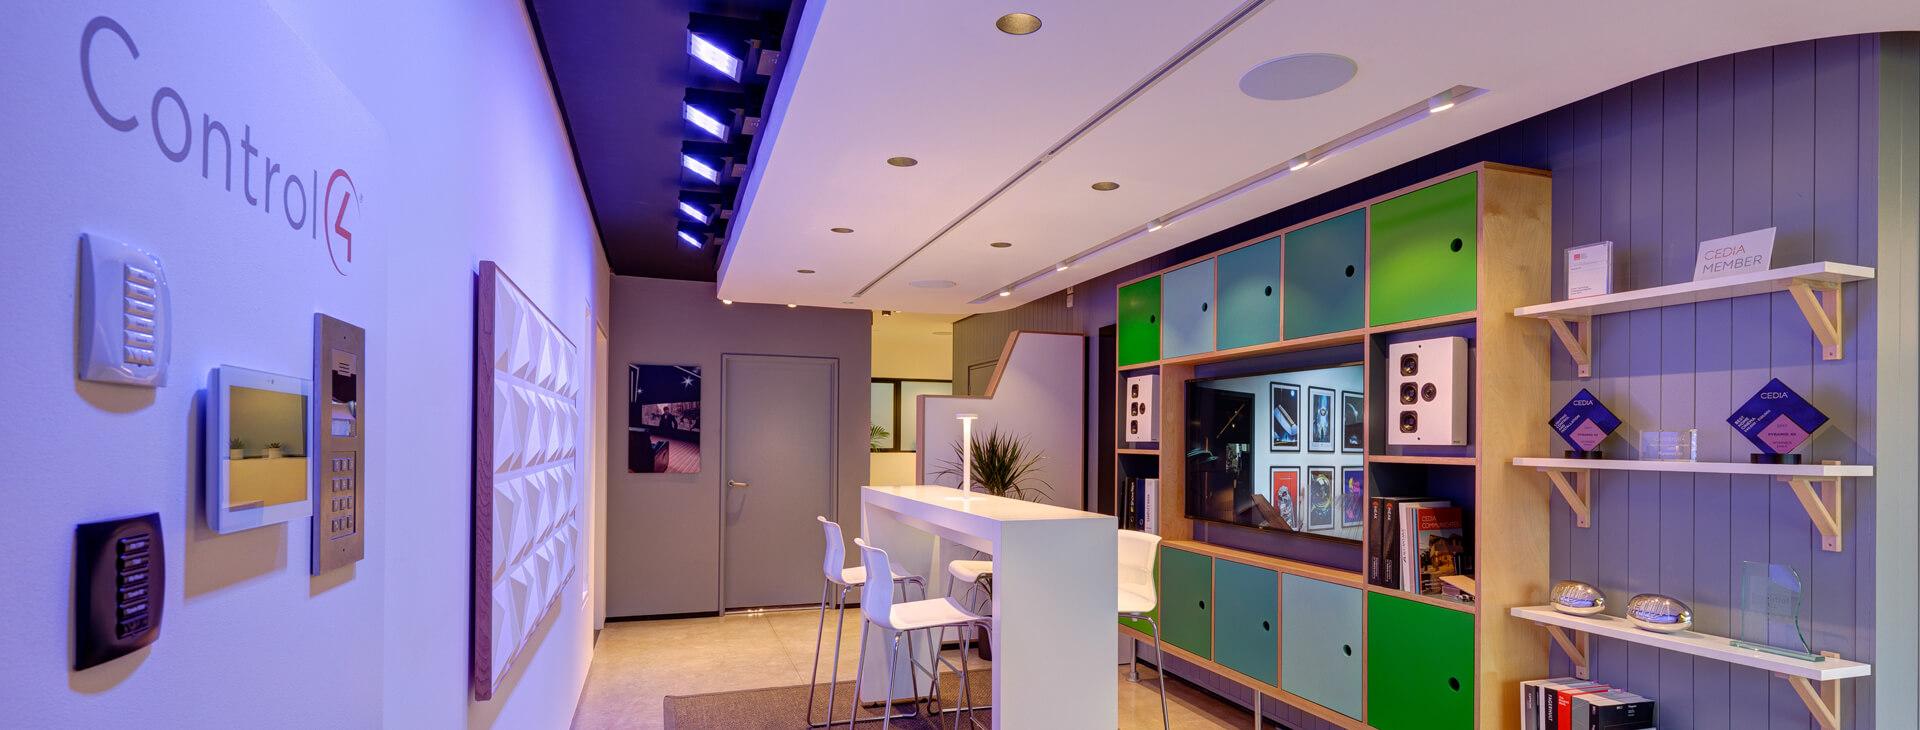 Showroom – Main showroom